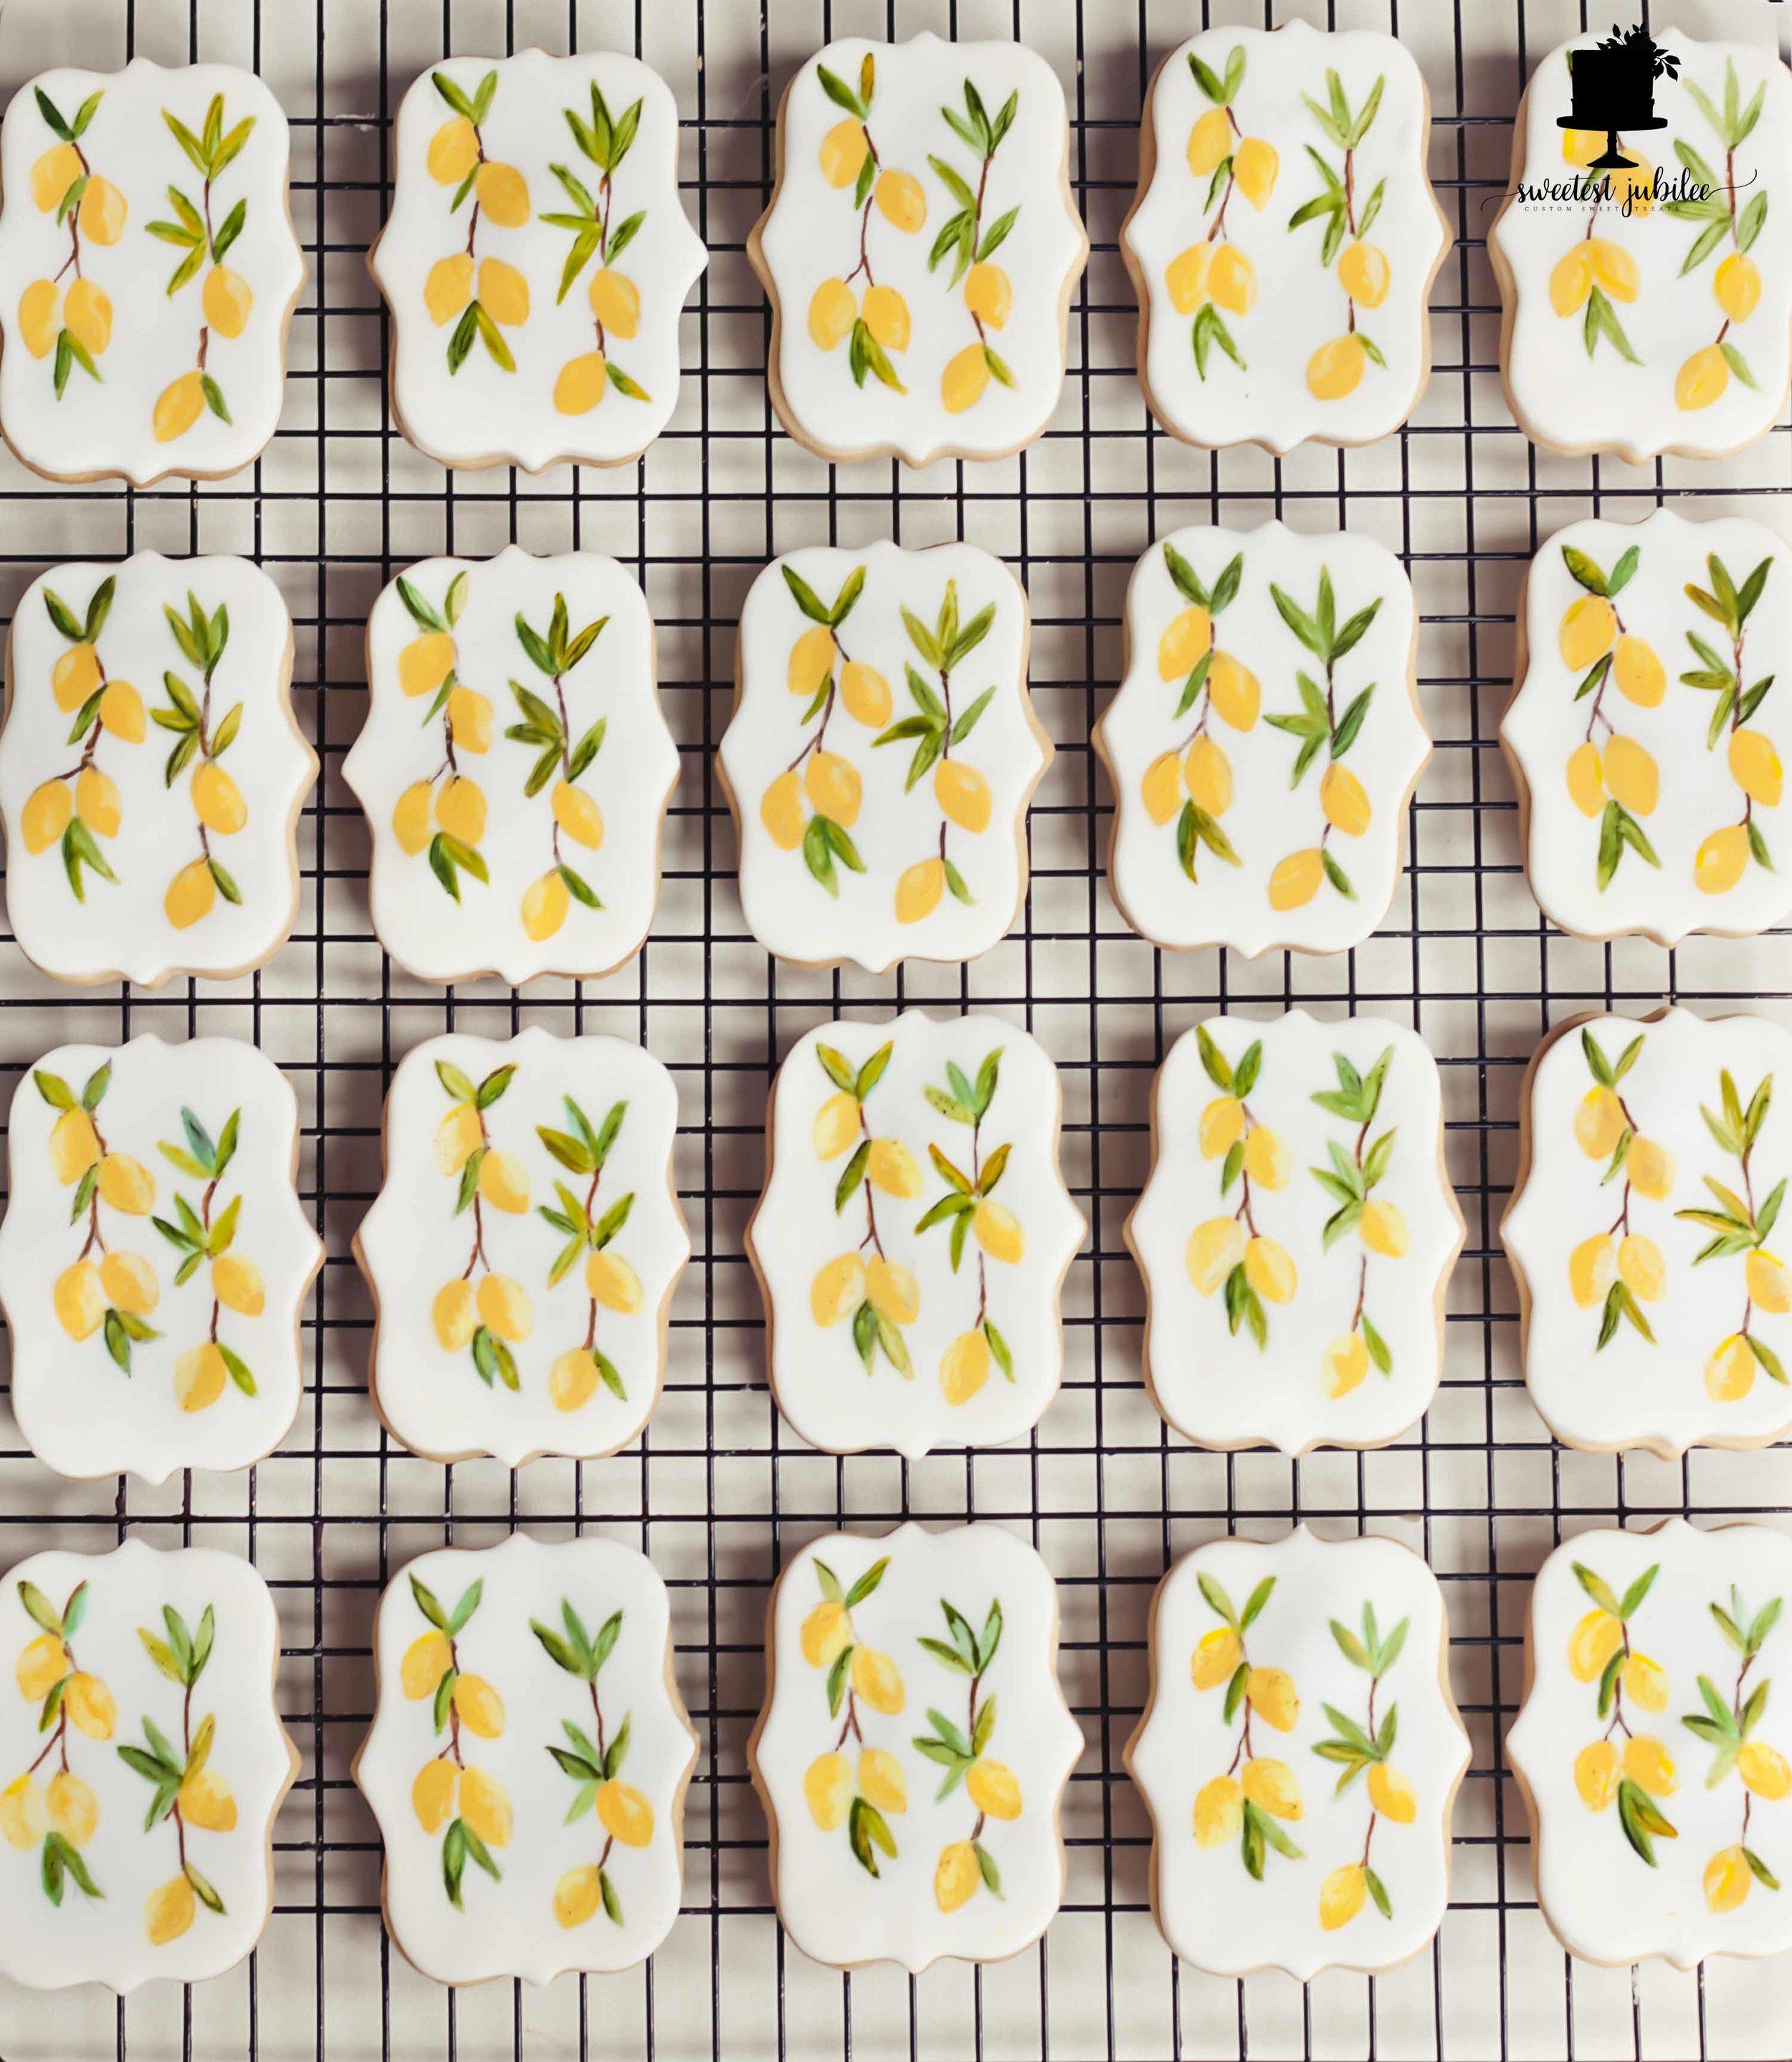 Lemon cookies - Georgie.jpg